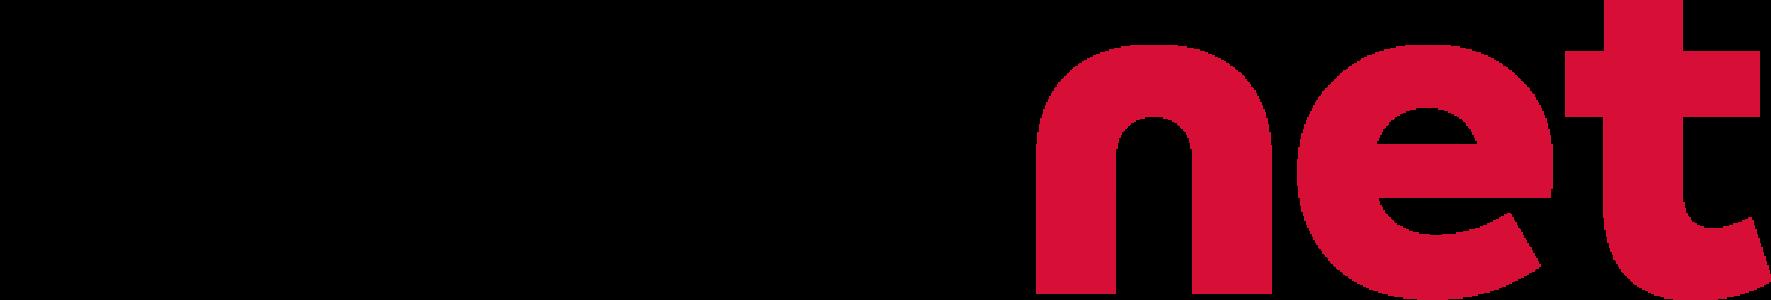 secunet_Logo_NEU_original